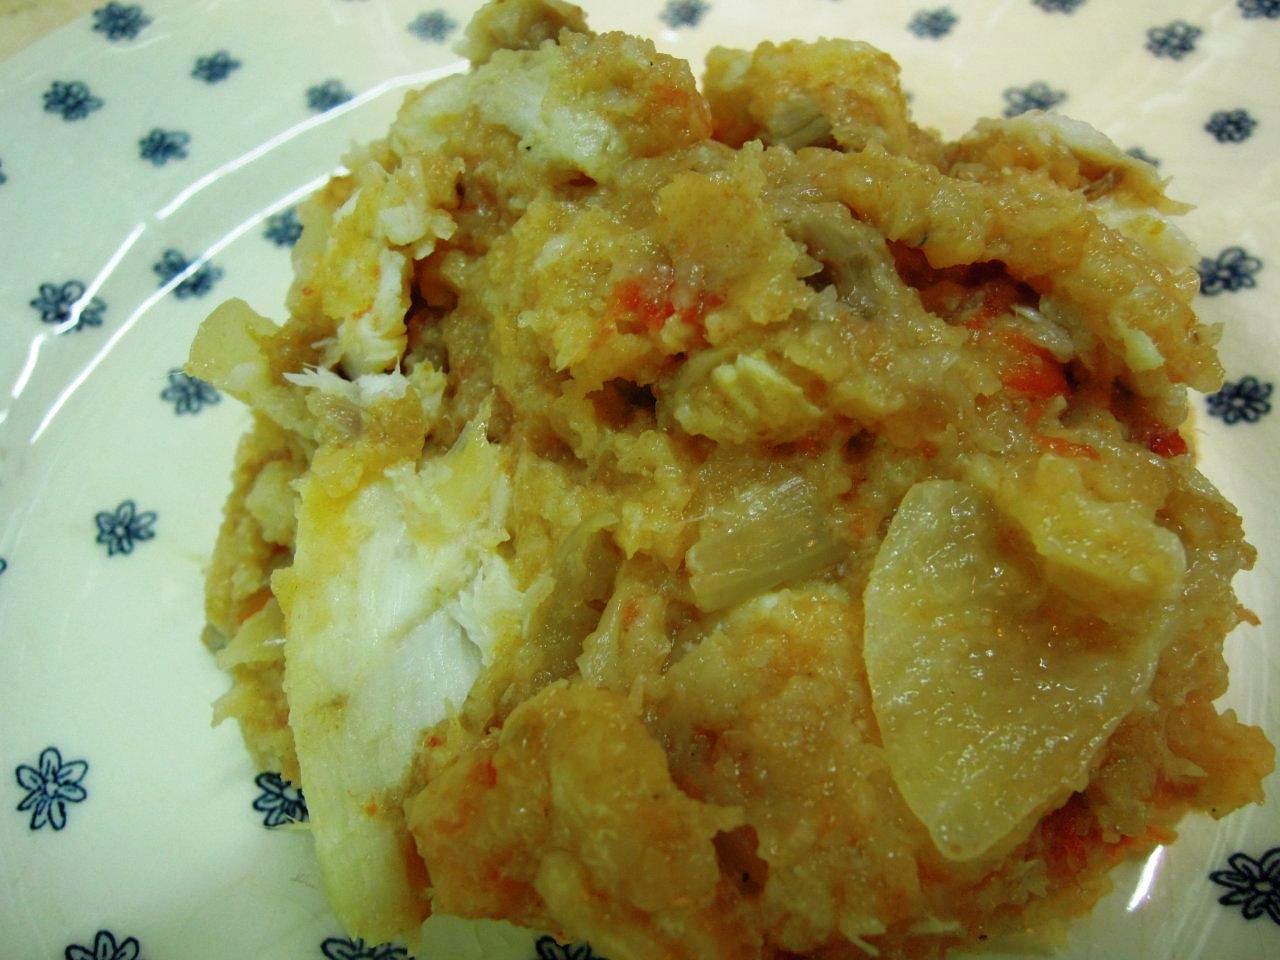 Açorda de Peixe, um ótimo prato para dias frios